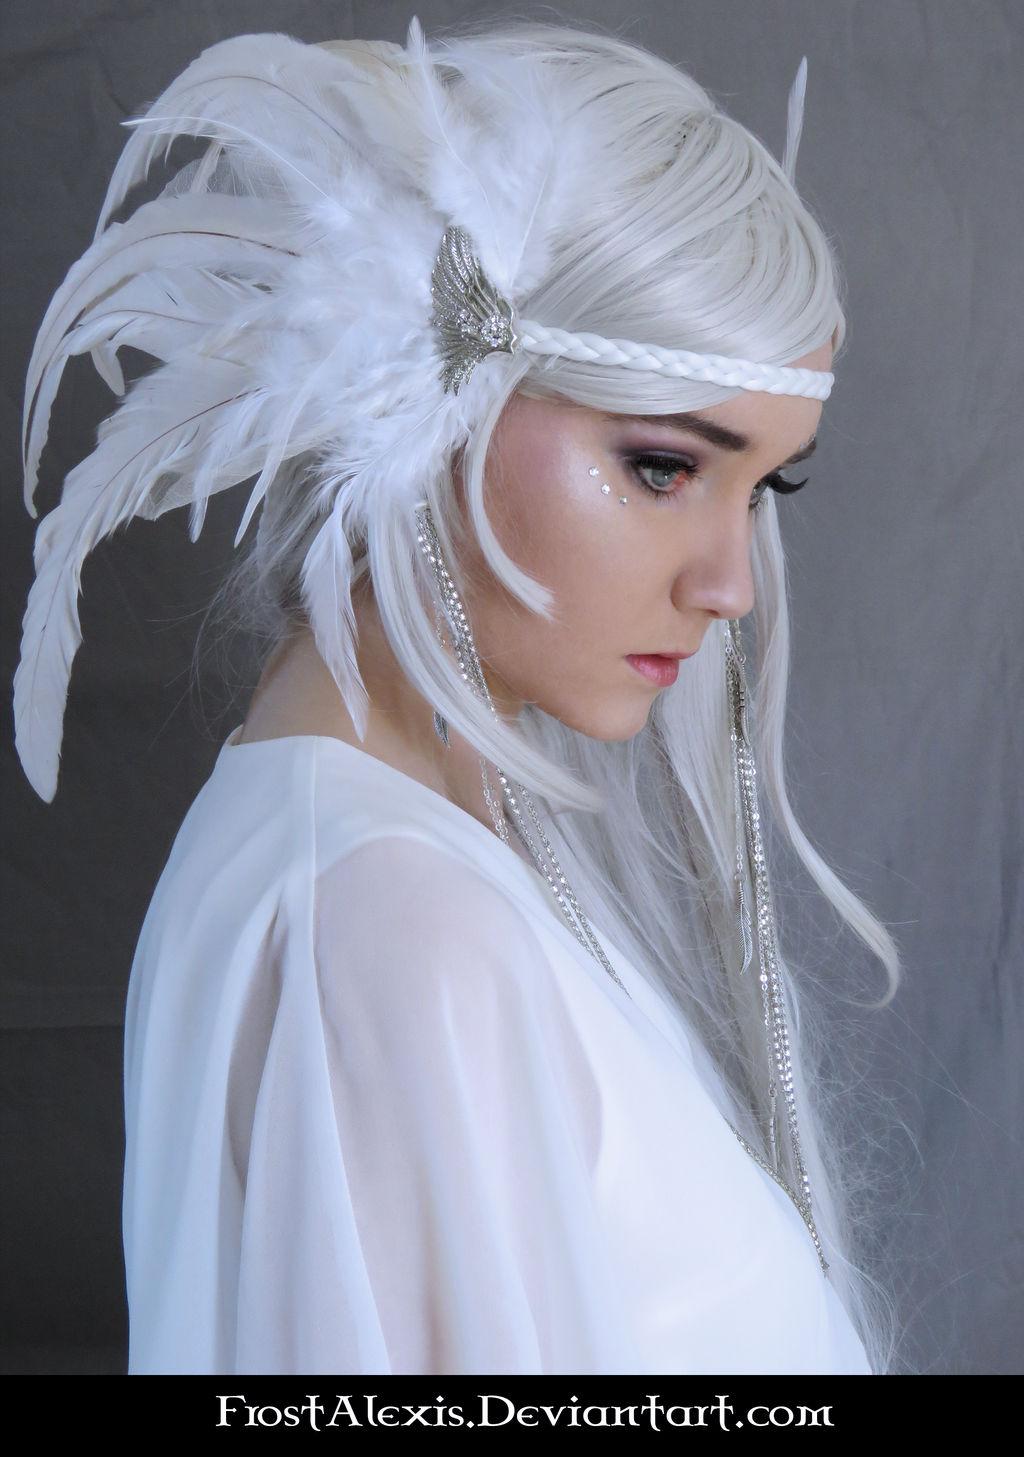 In White (10)